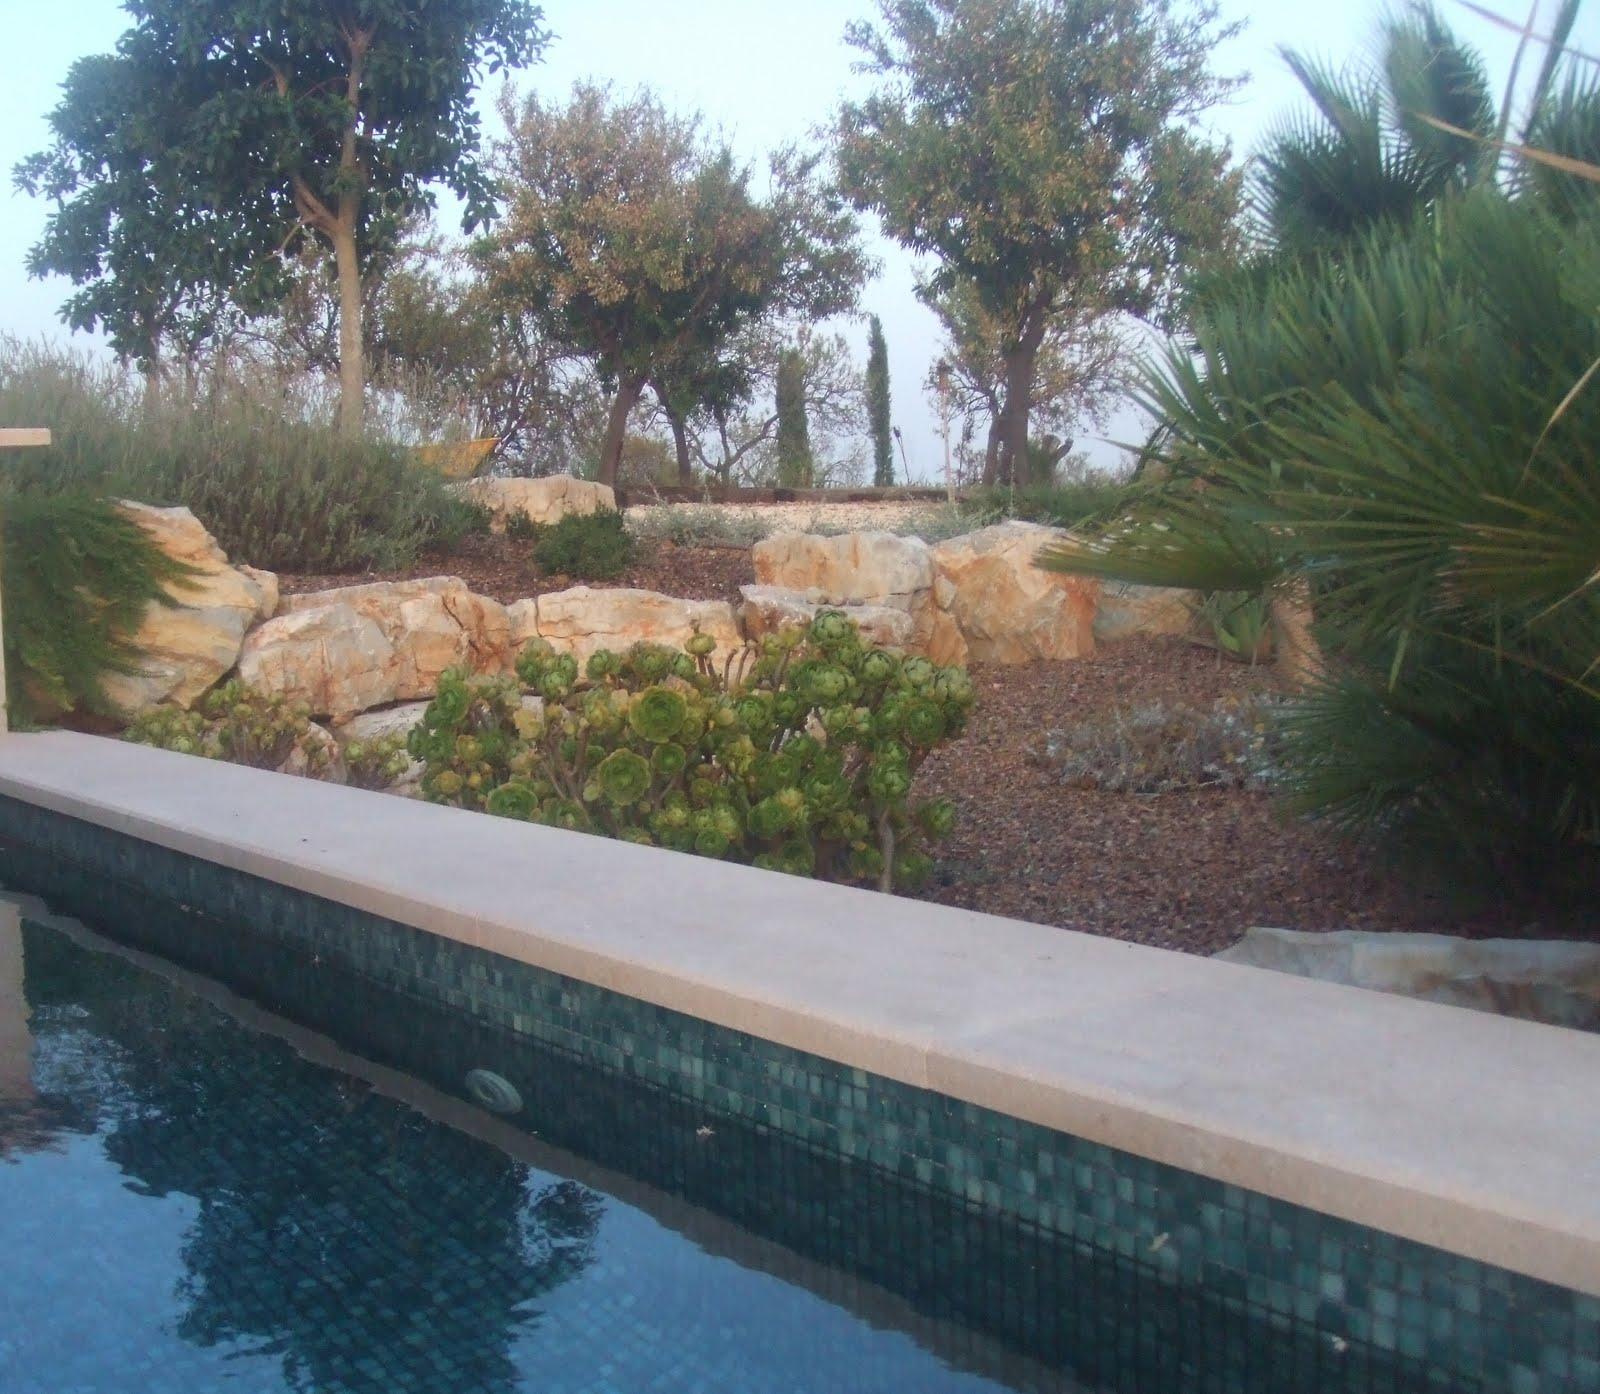 Ceres jardineria meditativa - Coste mantenimiento piscina ...